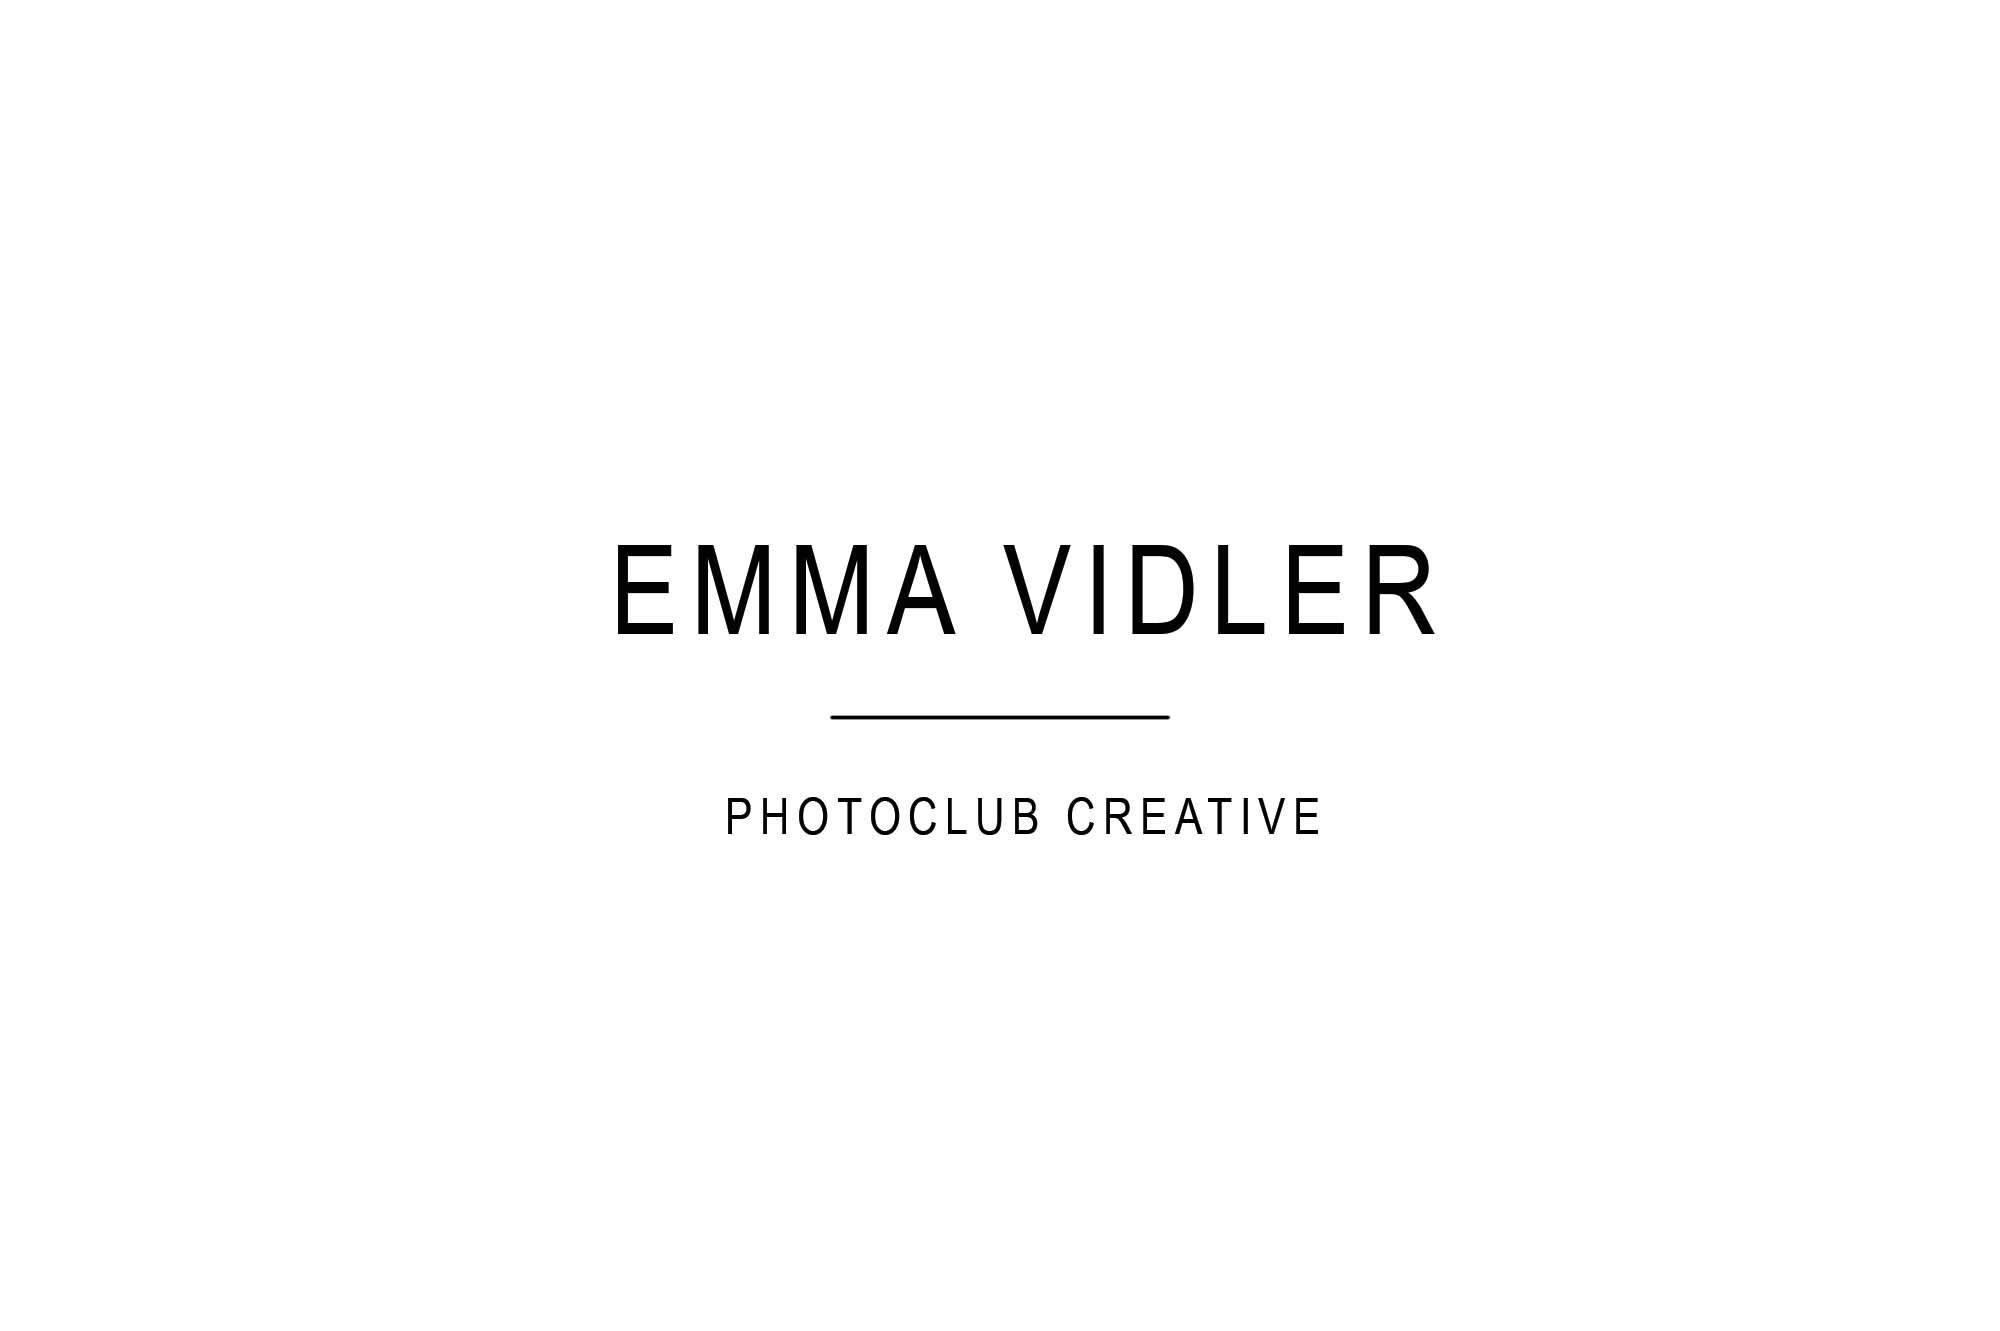 EmmaVidler_00_Title_WhtBg.jpg